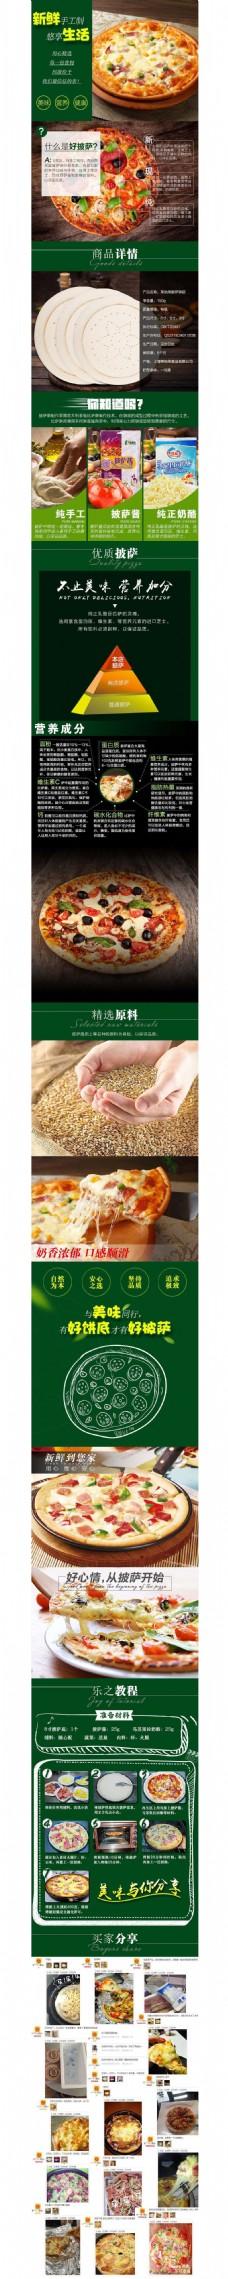 披萨原料套餐-NEW-详情页-电脑端